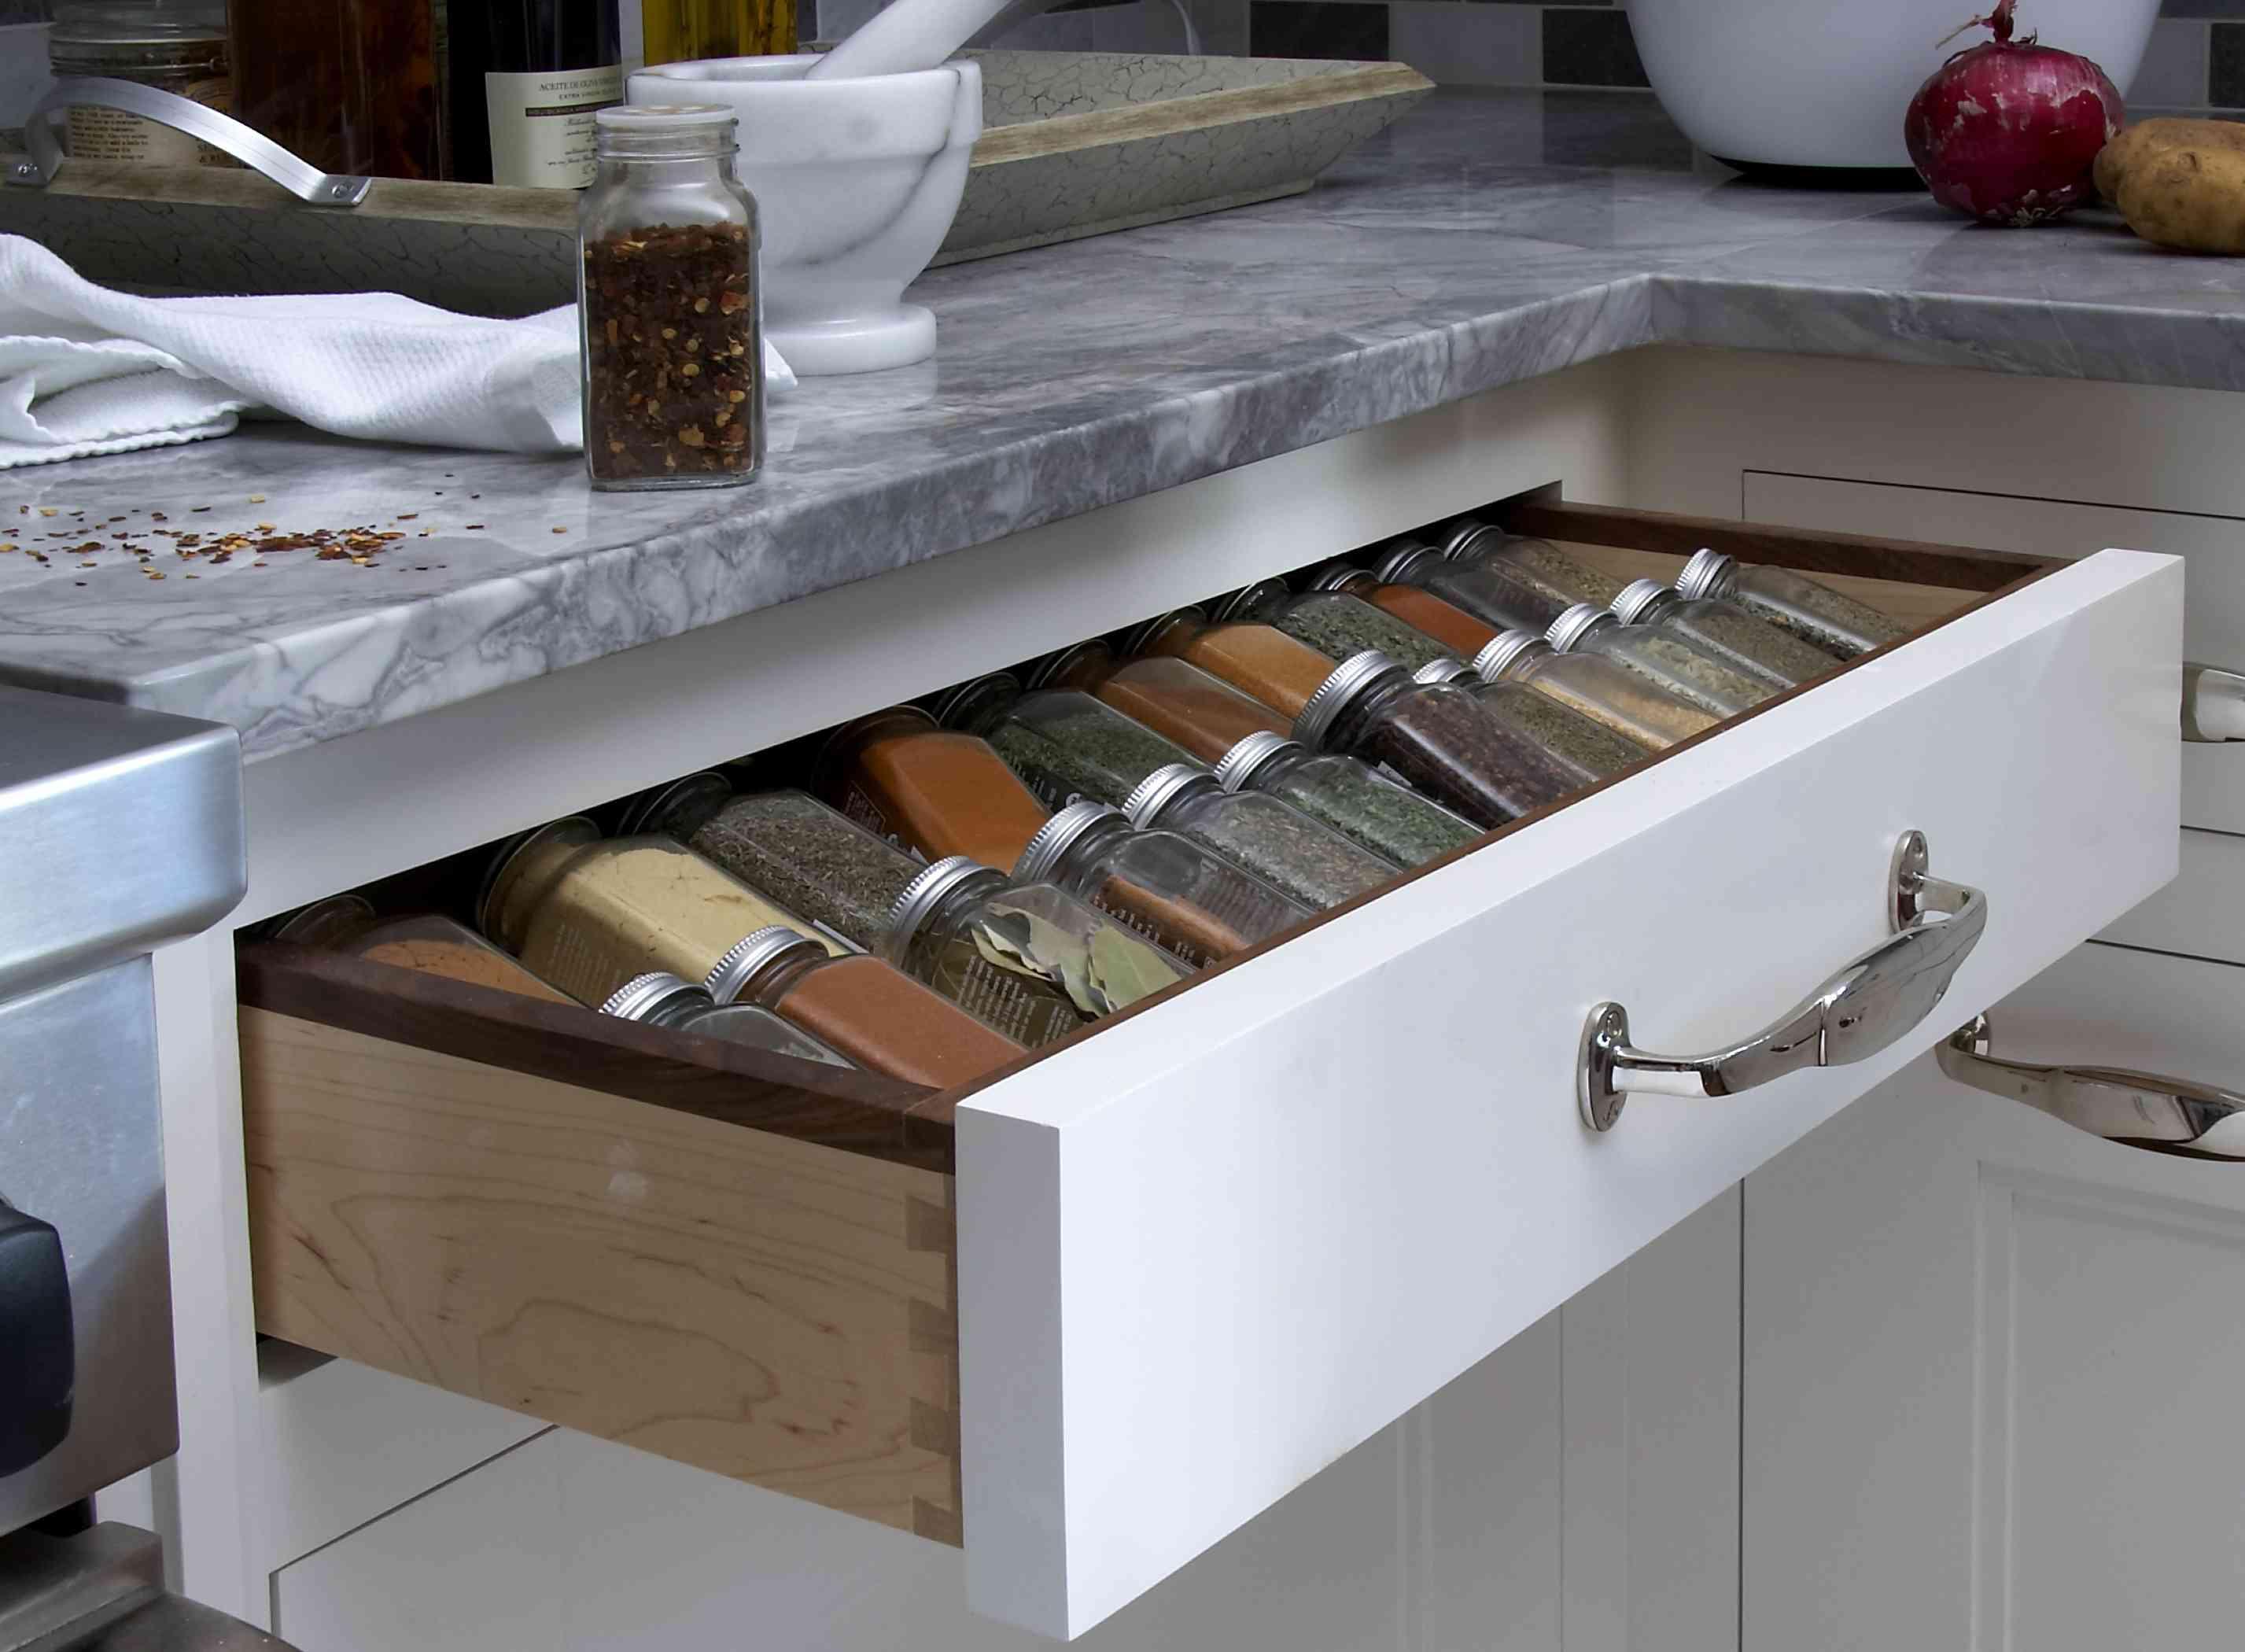 spices hidden in kitchen drawer